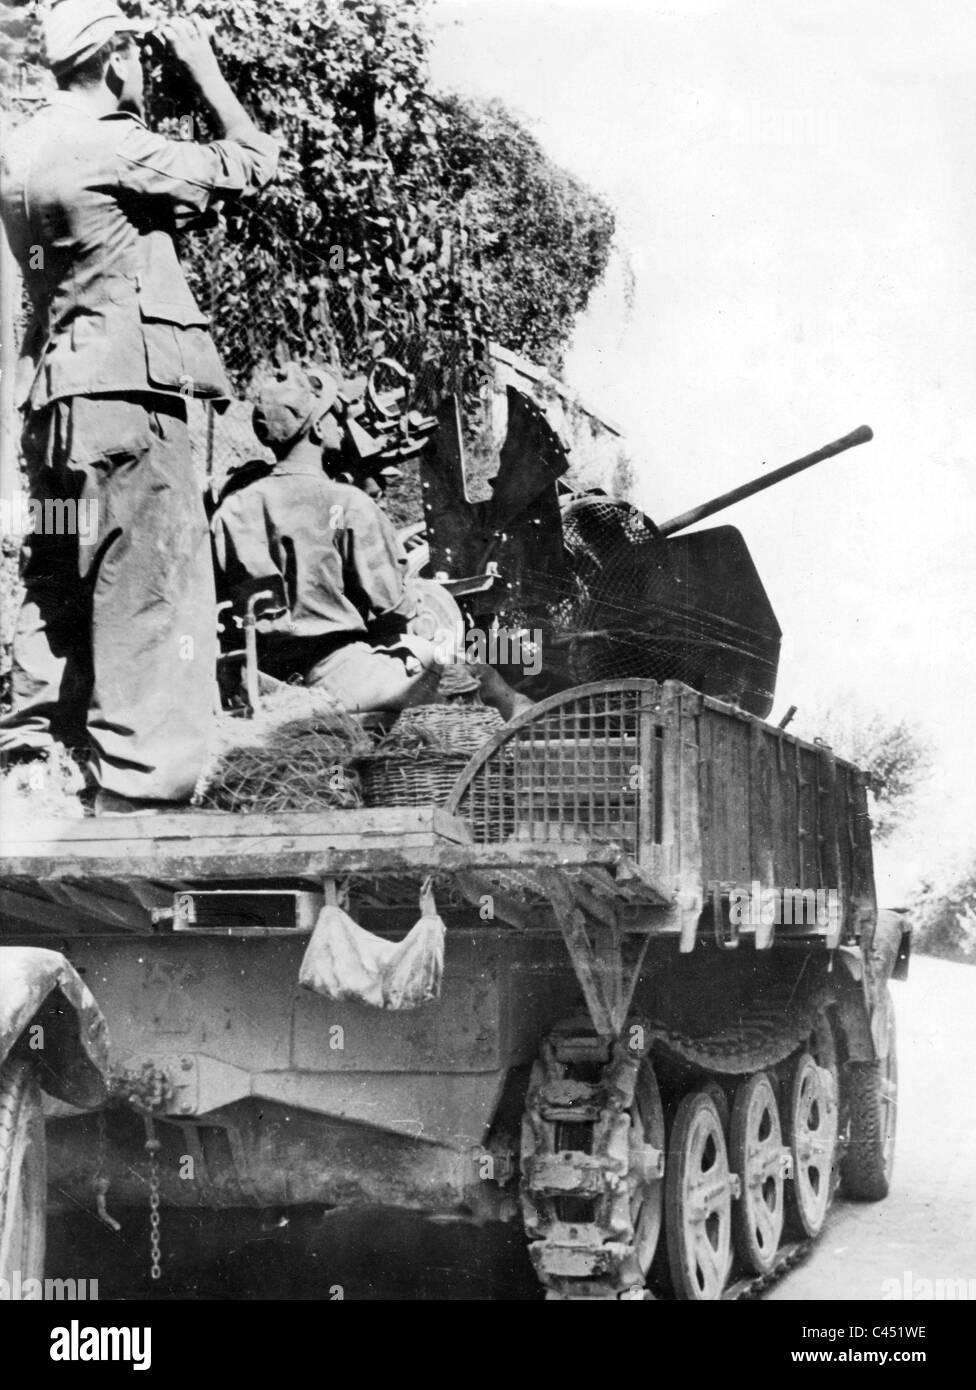 Un tedesco di 2 cm cannone antiaereo protegge contro aerei alleati, 1943 Immagini Stock